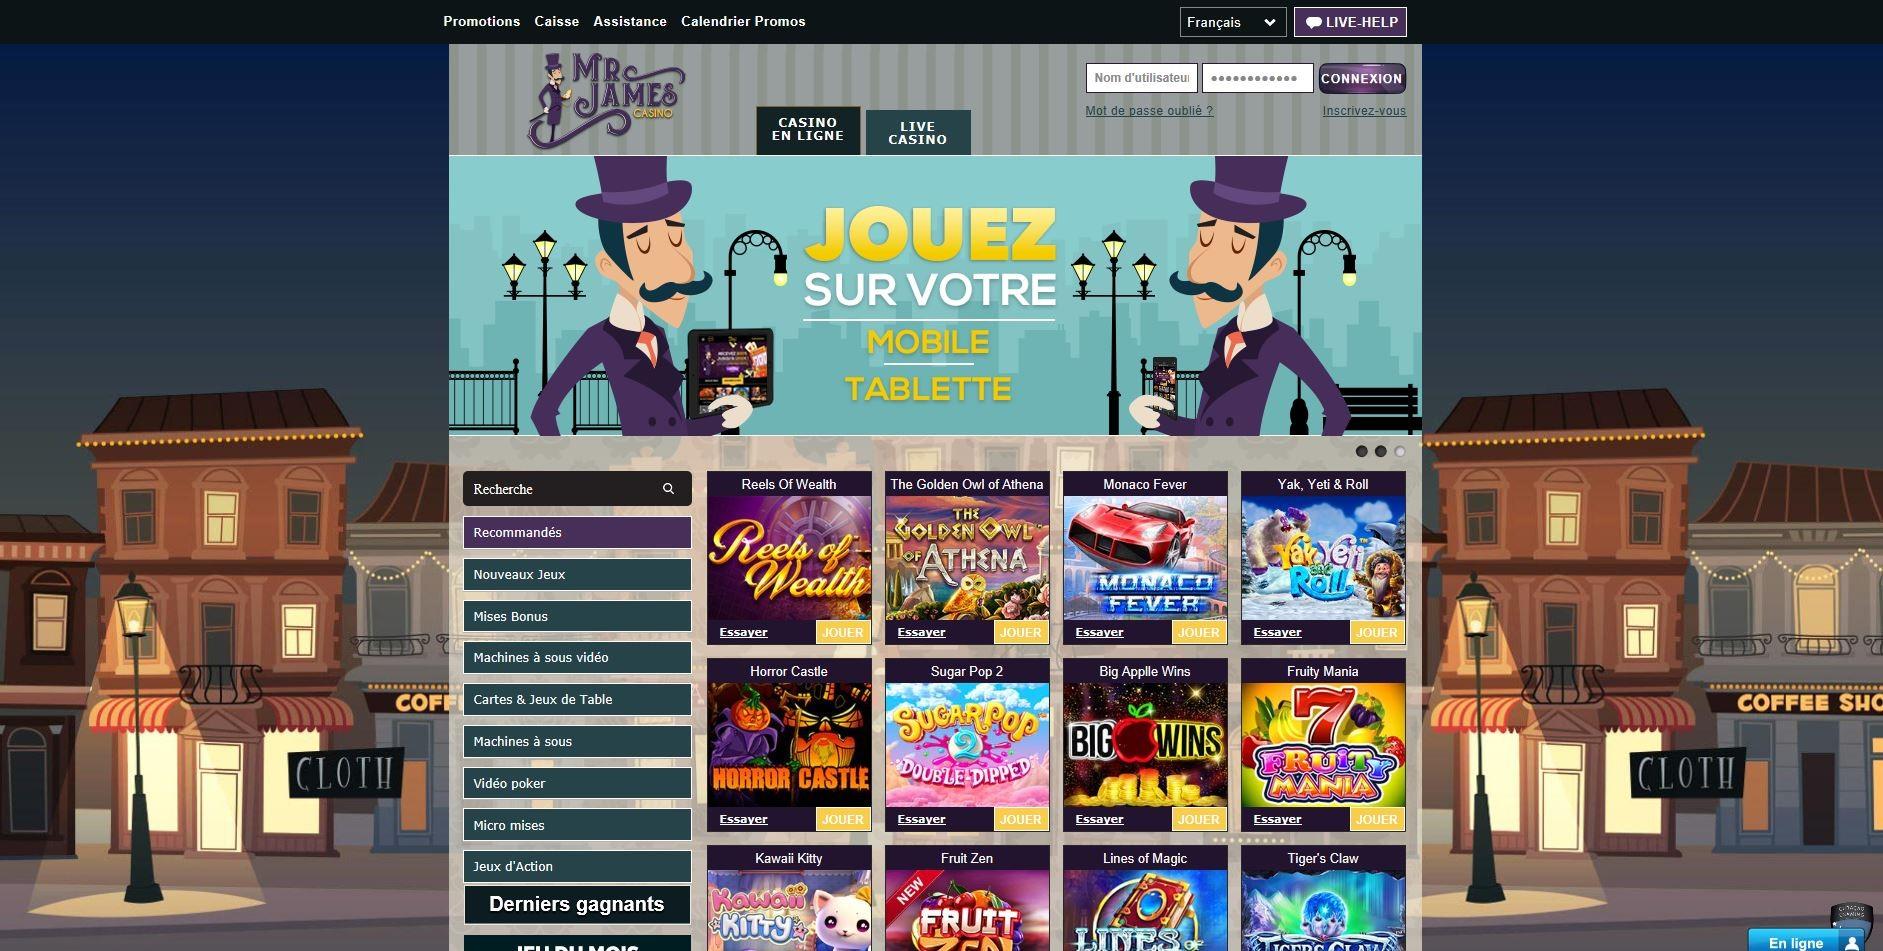 Mr James casino avis : que penser de ce casino en ligne ?